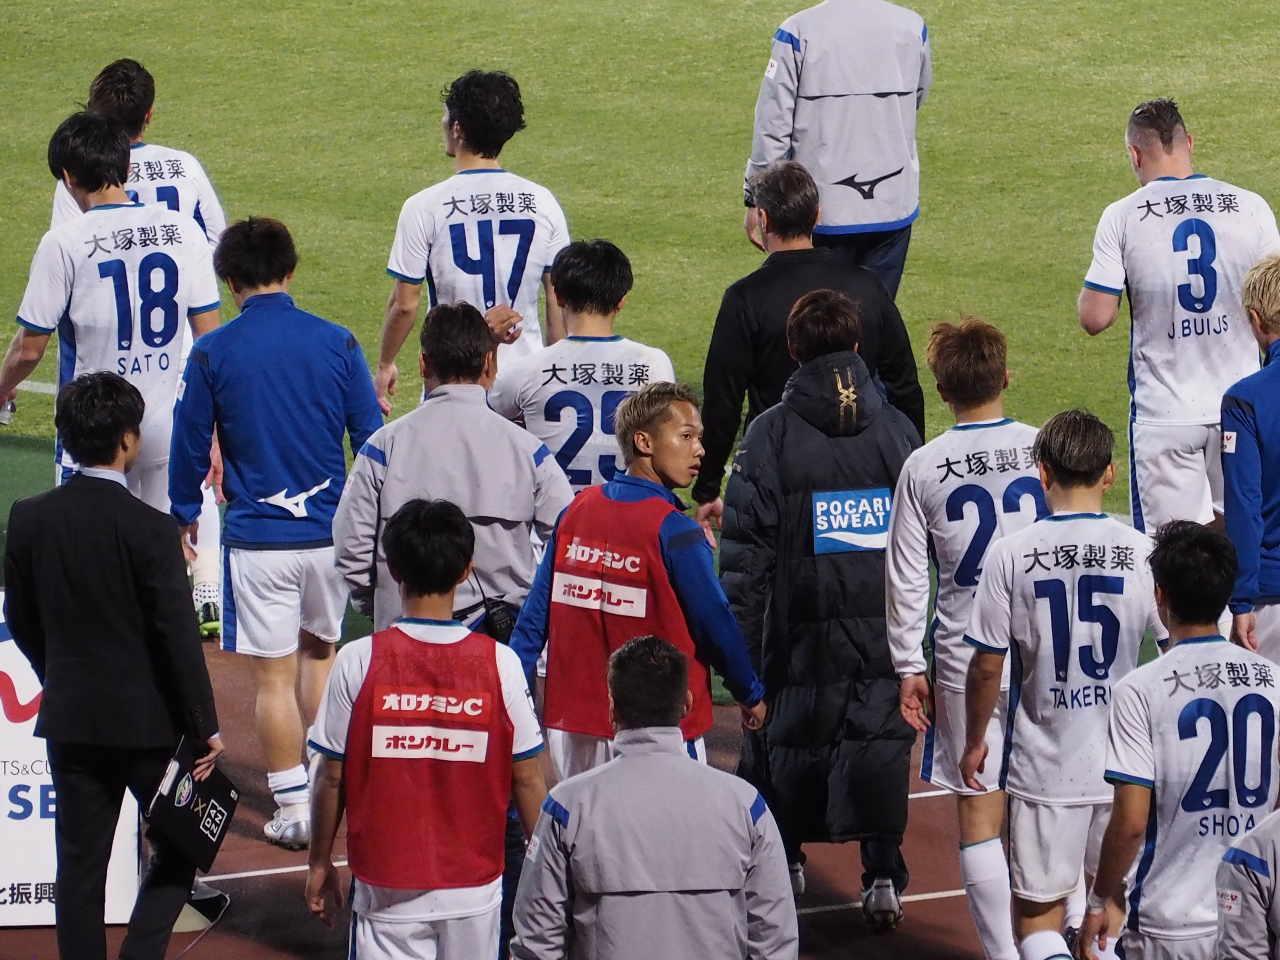 2019年4月20日 徳島ヴォルティス ファジアーノ岡山 シティライトスタジアム